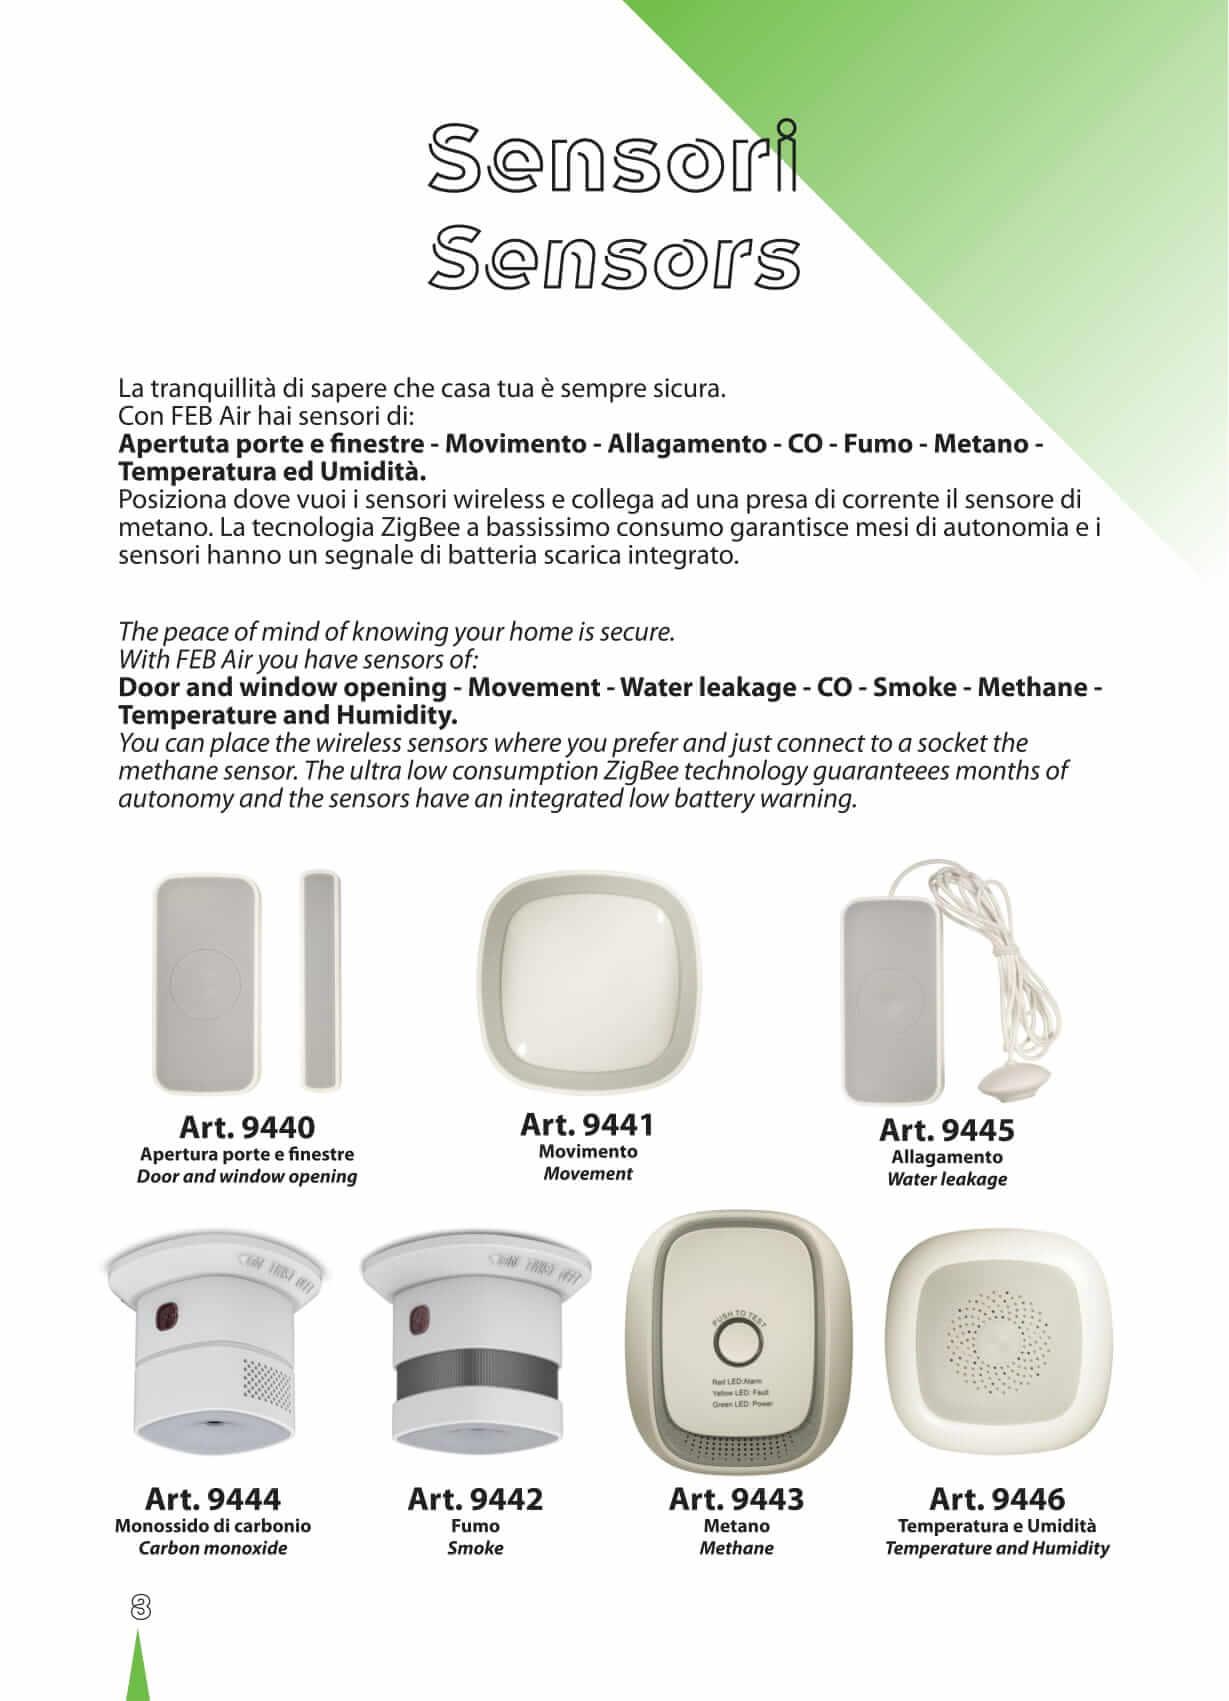 sensori e rilevatori per impianti e sistemi domotici